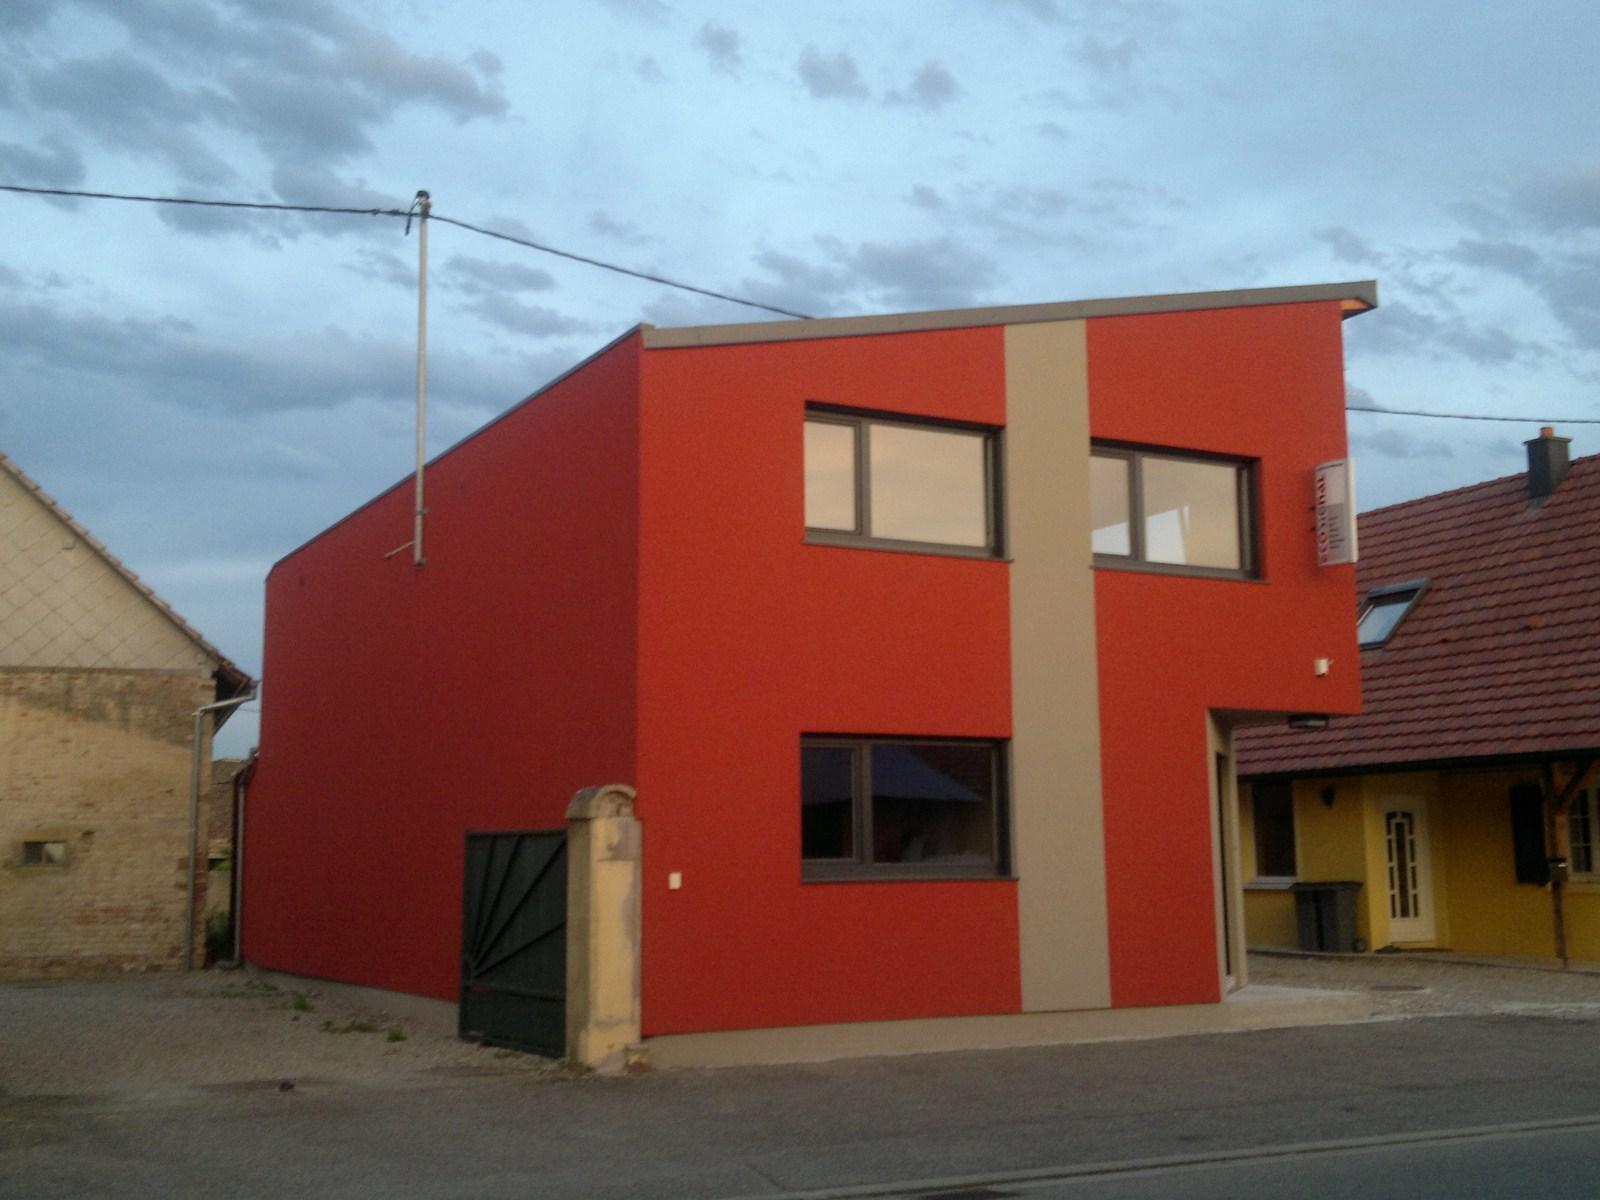 Maison ossature bois monopente 4 abt construction bois for Id maison bois